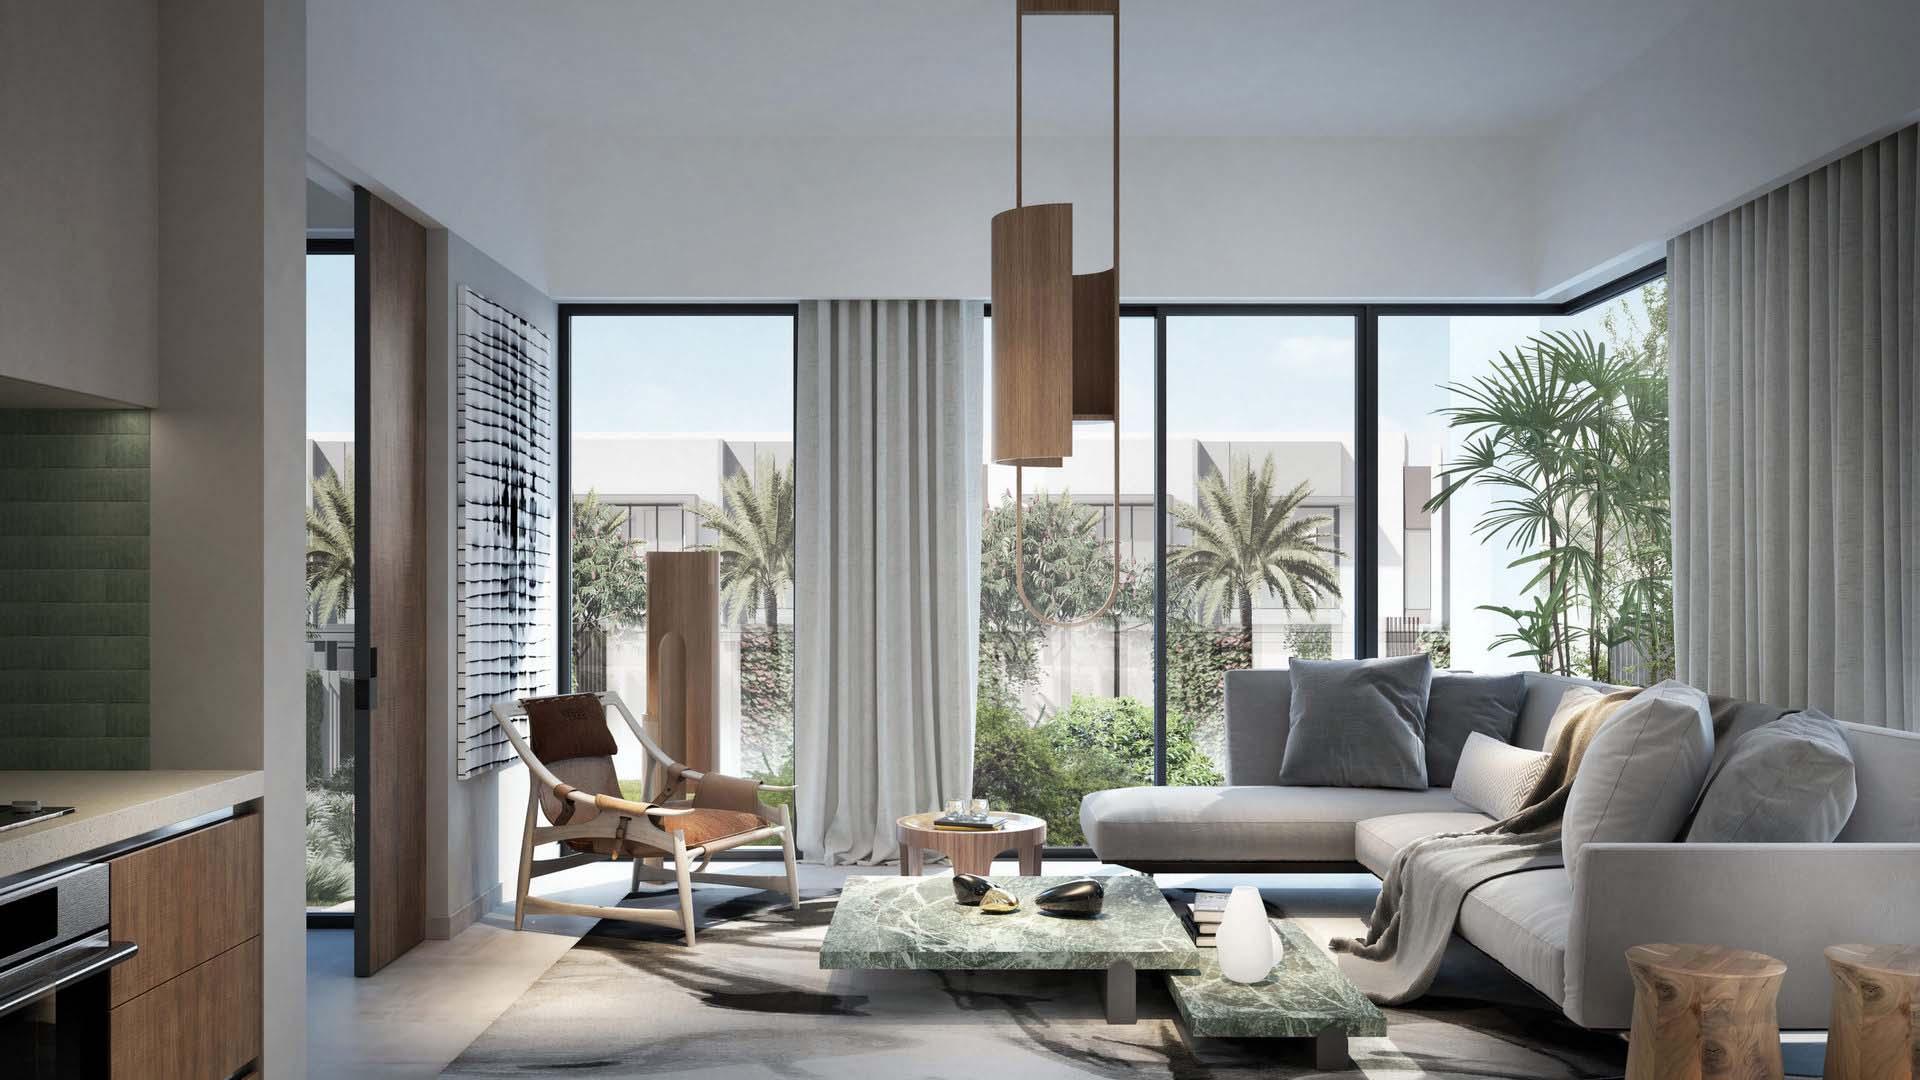 Villa en venta en Dubai, EAU, 3 dormitorios, 185 m2, № 24665 – foto 6